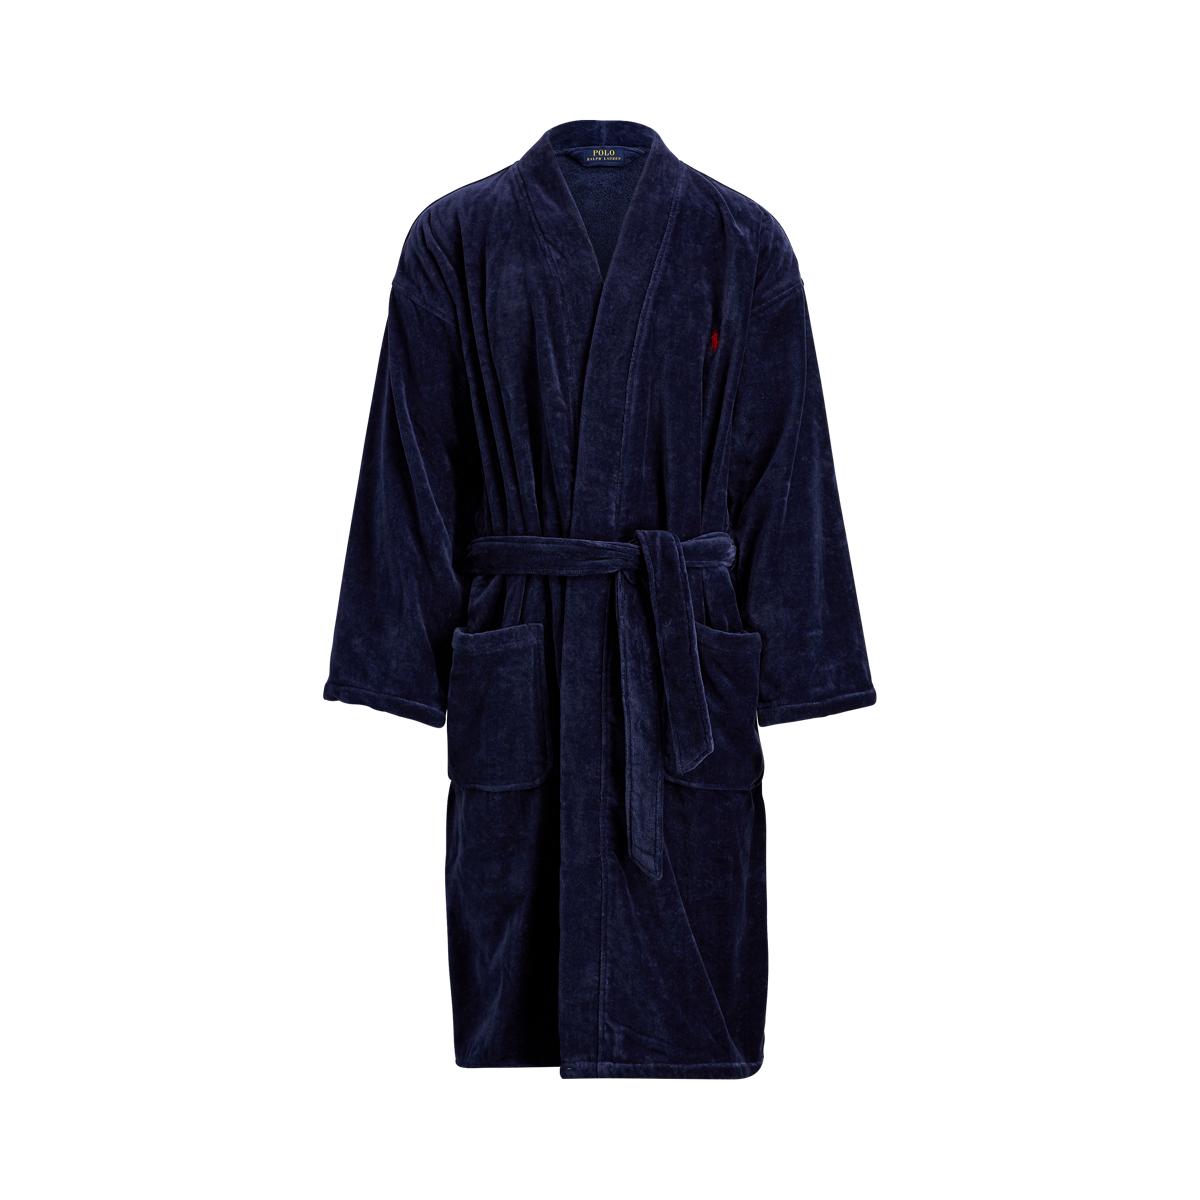 5a39a061a Terry Kimono Robe